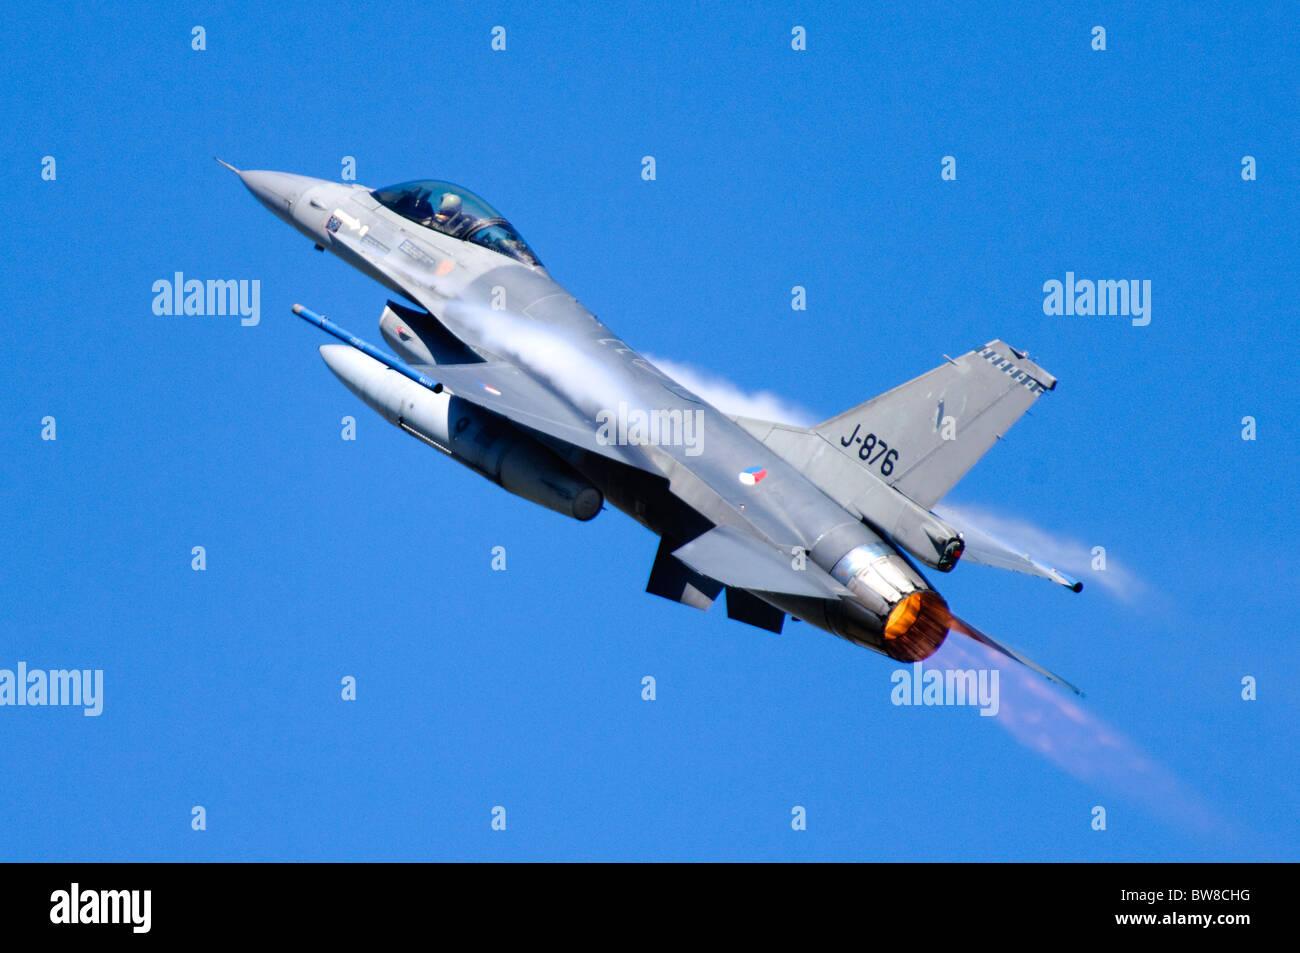 F-16AM Fighting Falcon jet fighter exploité par la Force aérienne néerlandaise escalade avec post-combustion complète après le décollage Banque D'Images